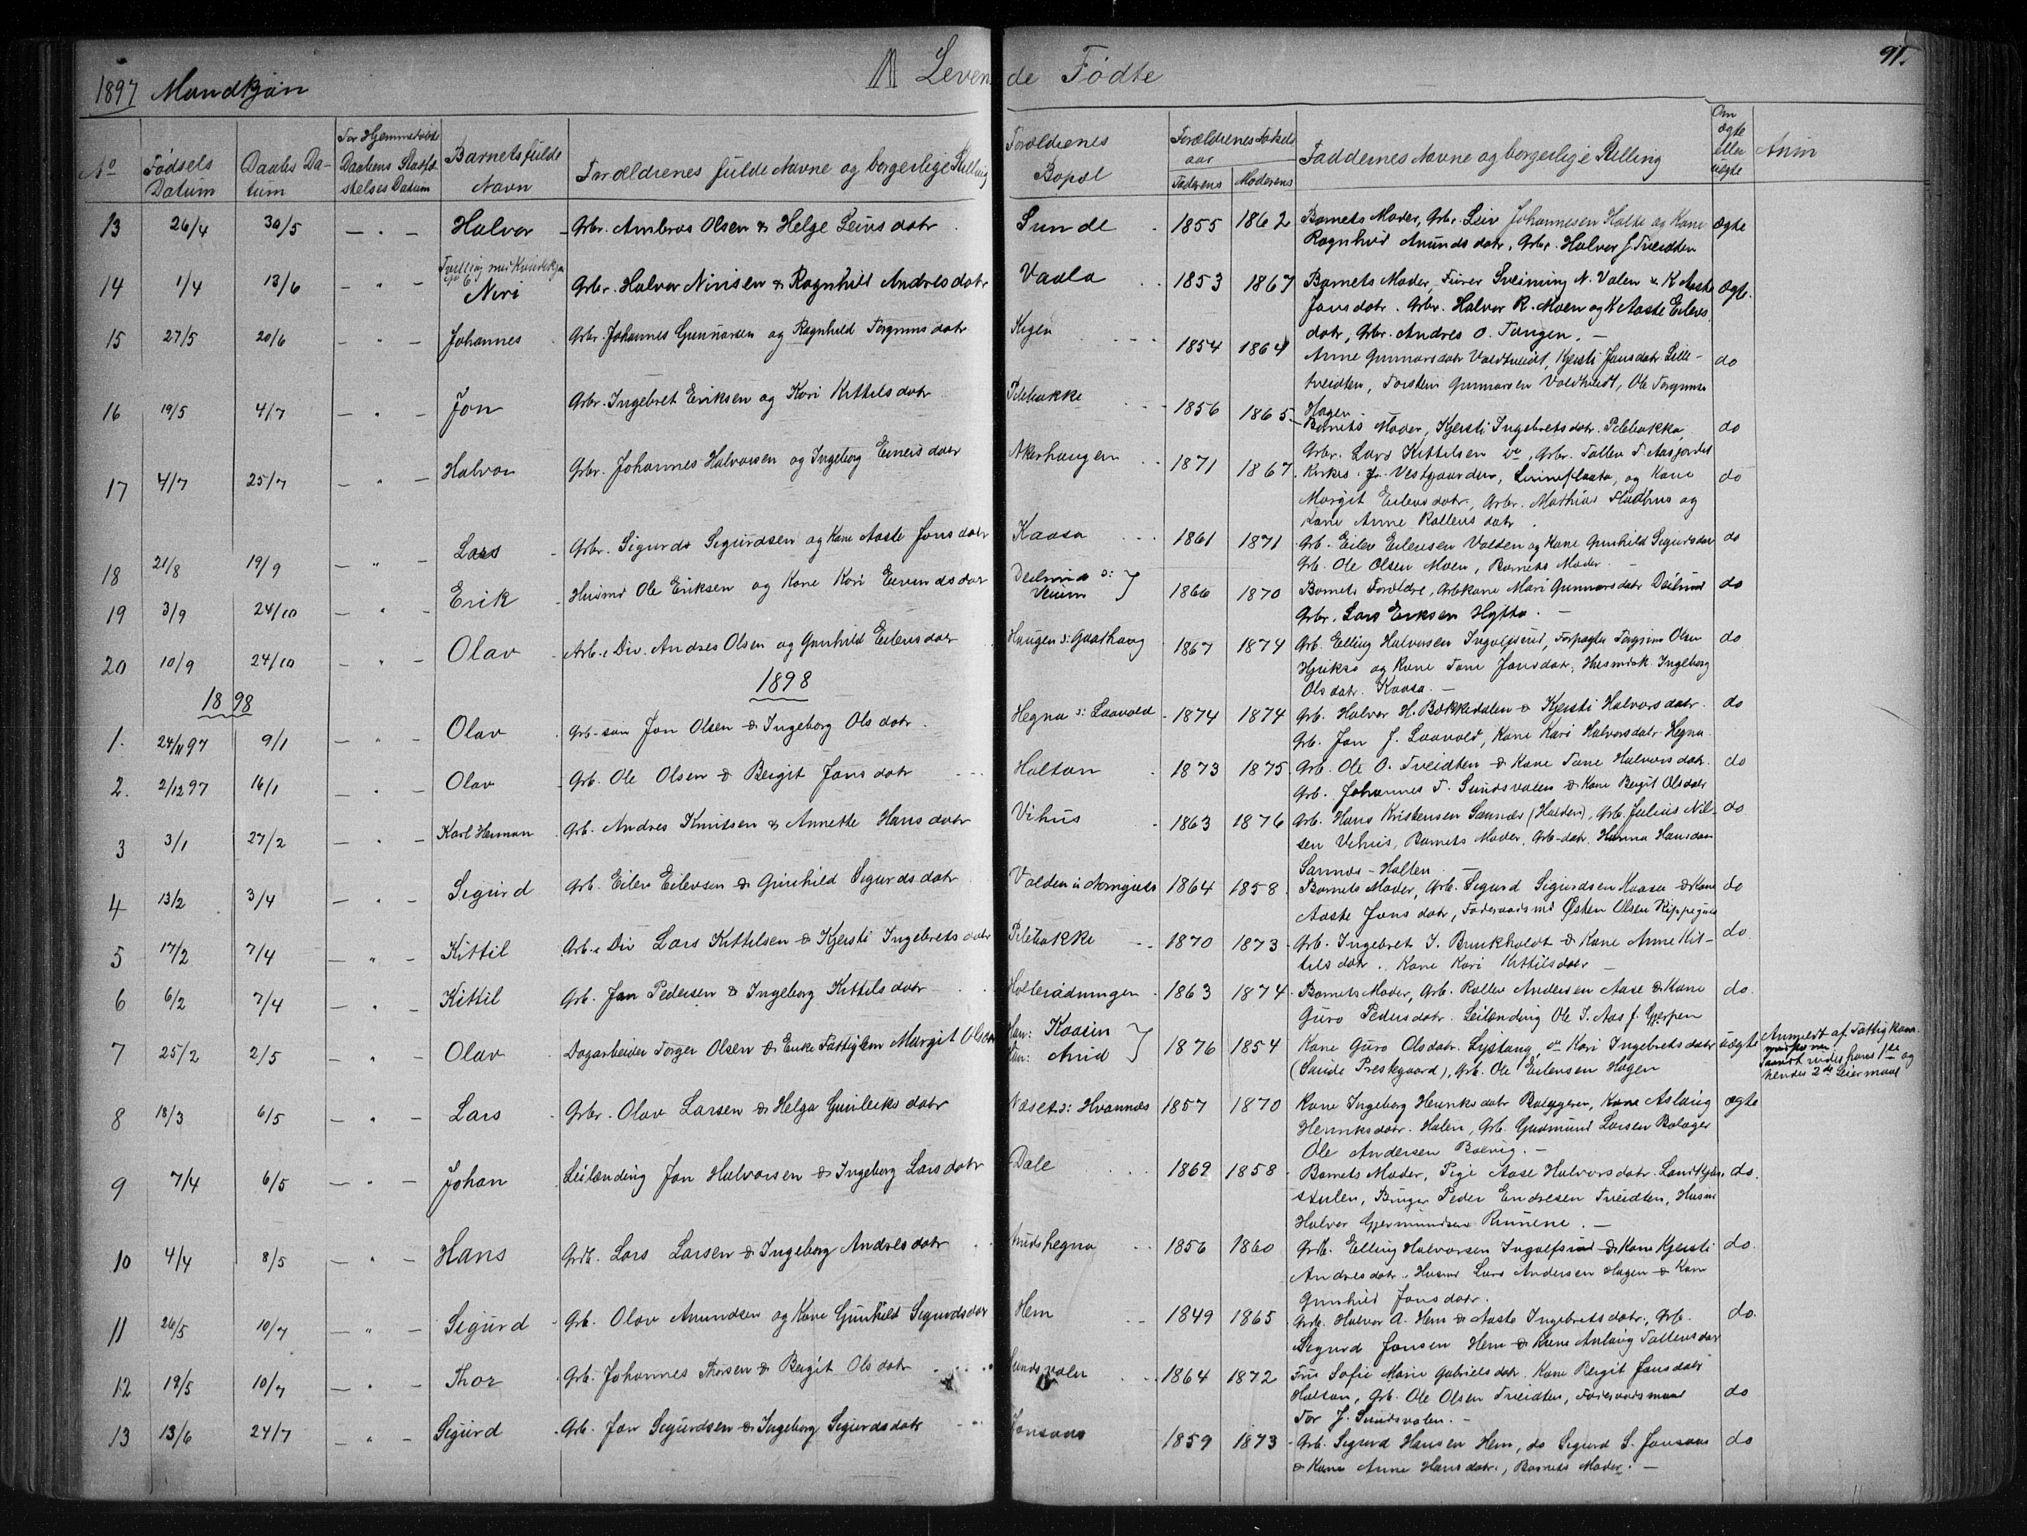 SAKO, Sauherad kirkebøker, G/Ga/L0003: Klokkerbok nr. I 3, 1866-1905, s. 91